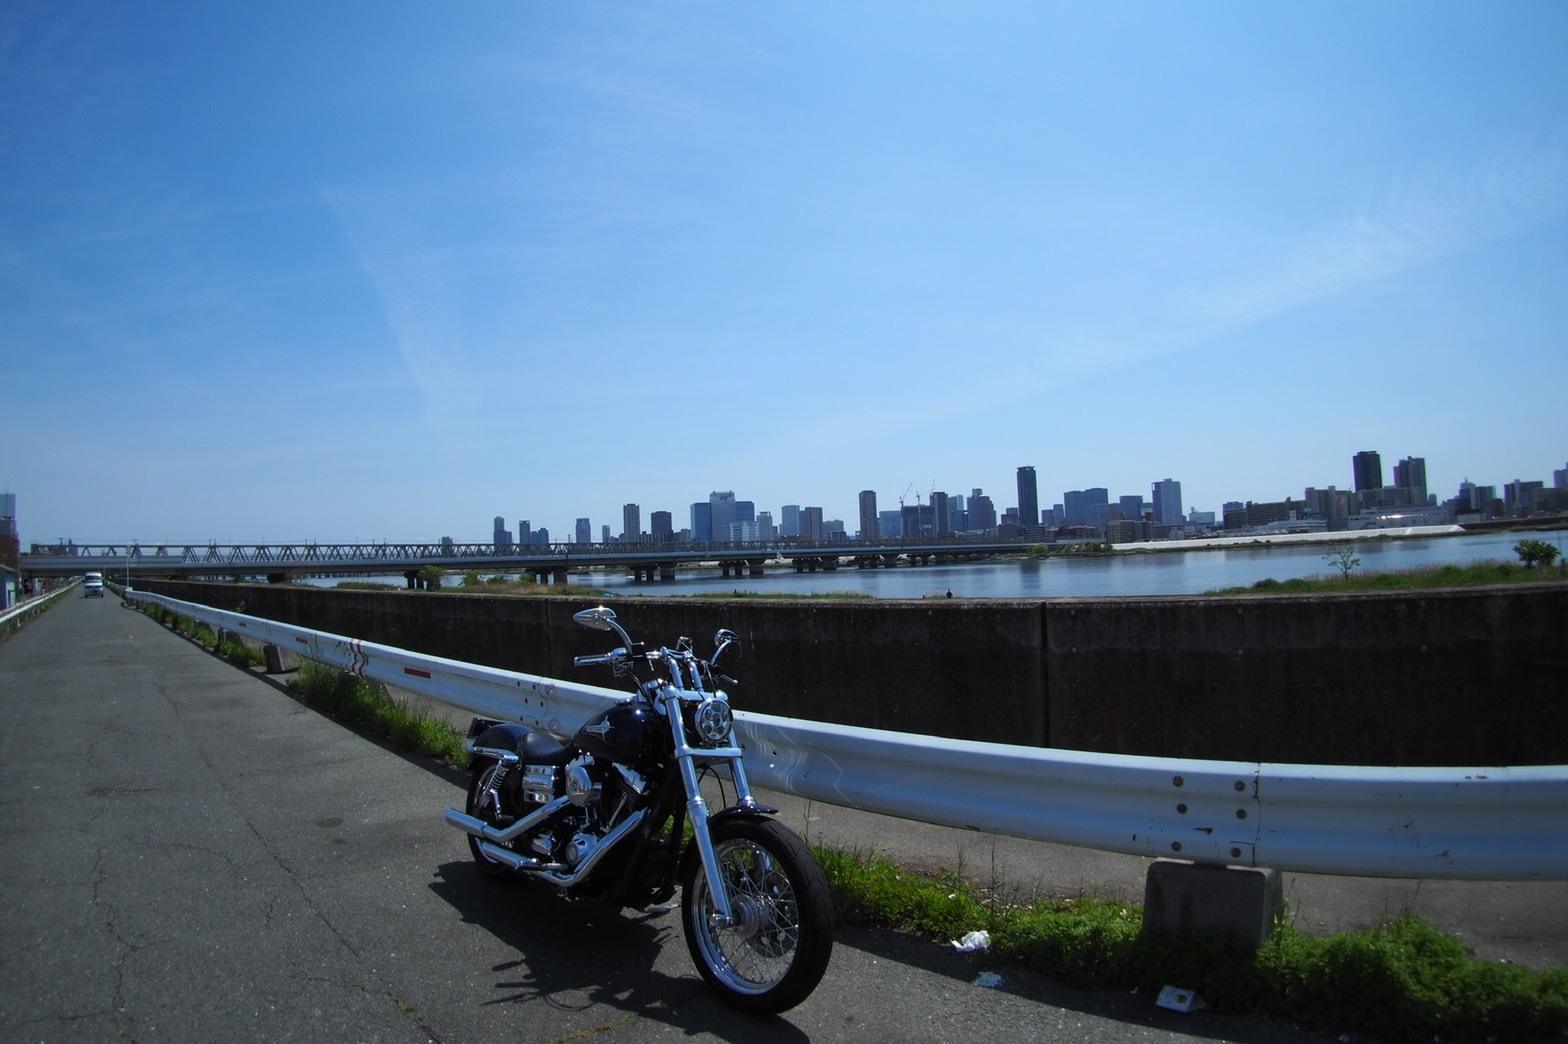 ぴーきち&ダイナ 舞洲夢洲ツーリング 淀川 川沿い 大阪市内 魚眼